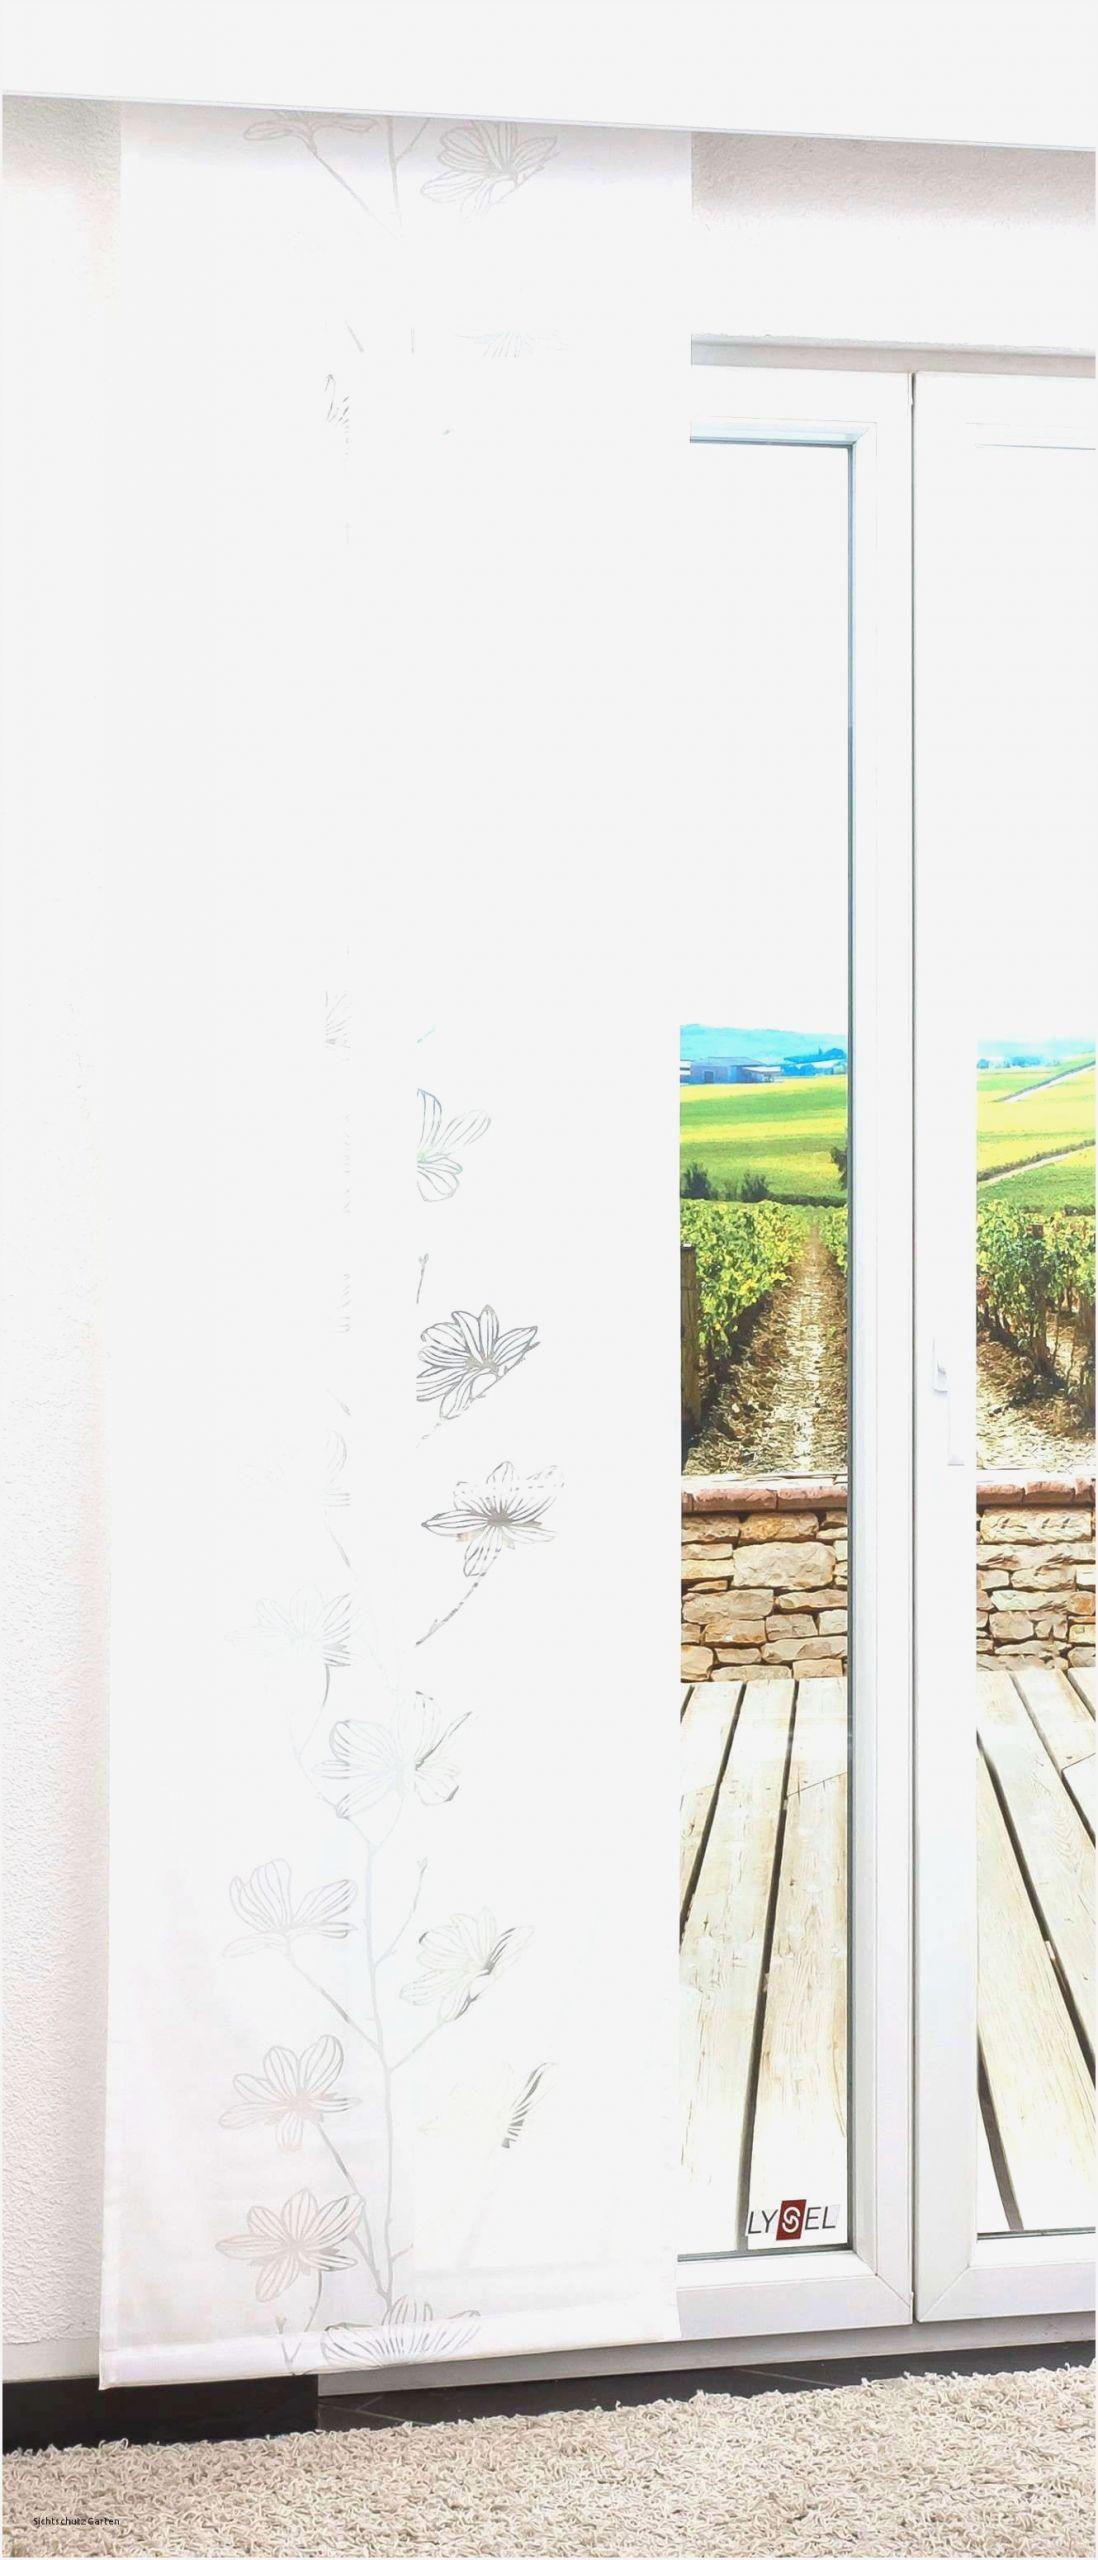 Full Size of Klettergerüst Indoor Klettergerst Ideen Kinderzimmer Traumhaus Garten Wohnzimmer Klettergerüst Indoor